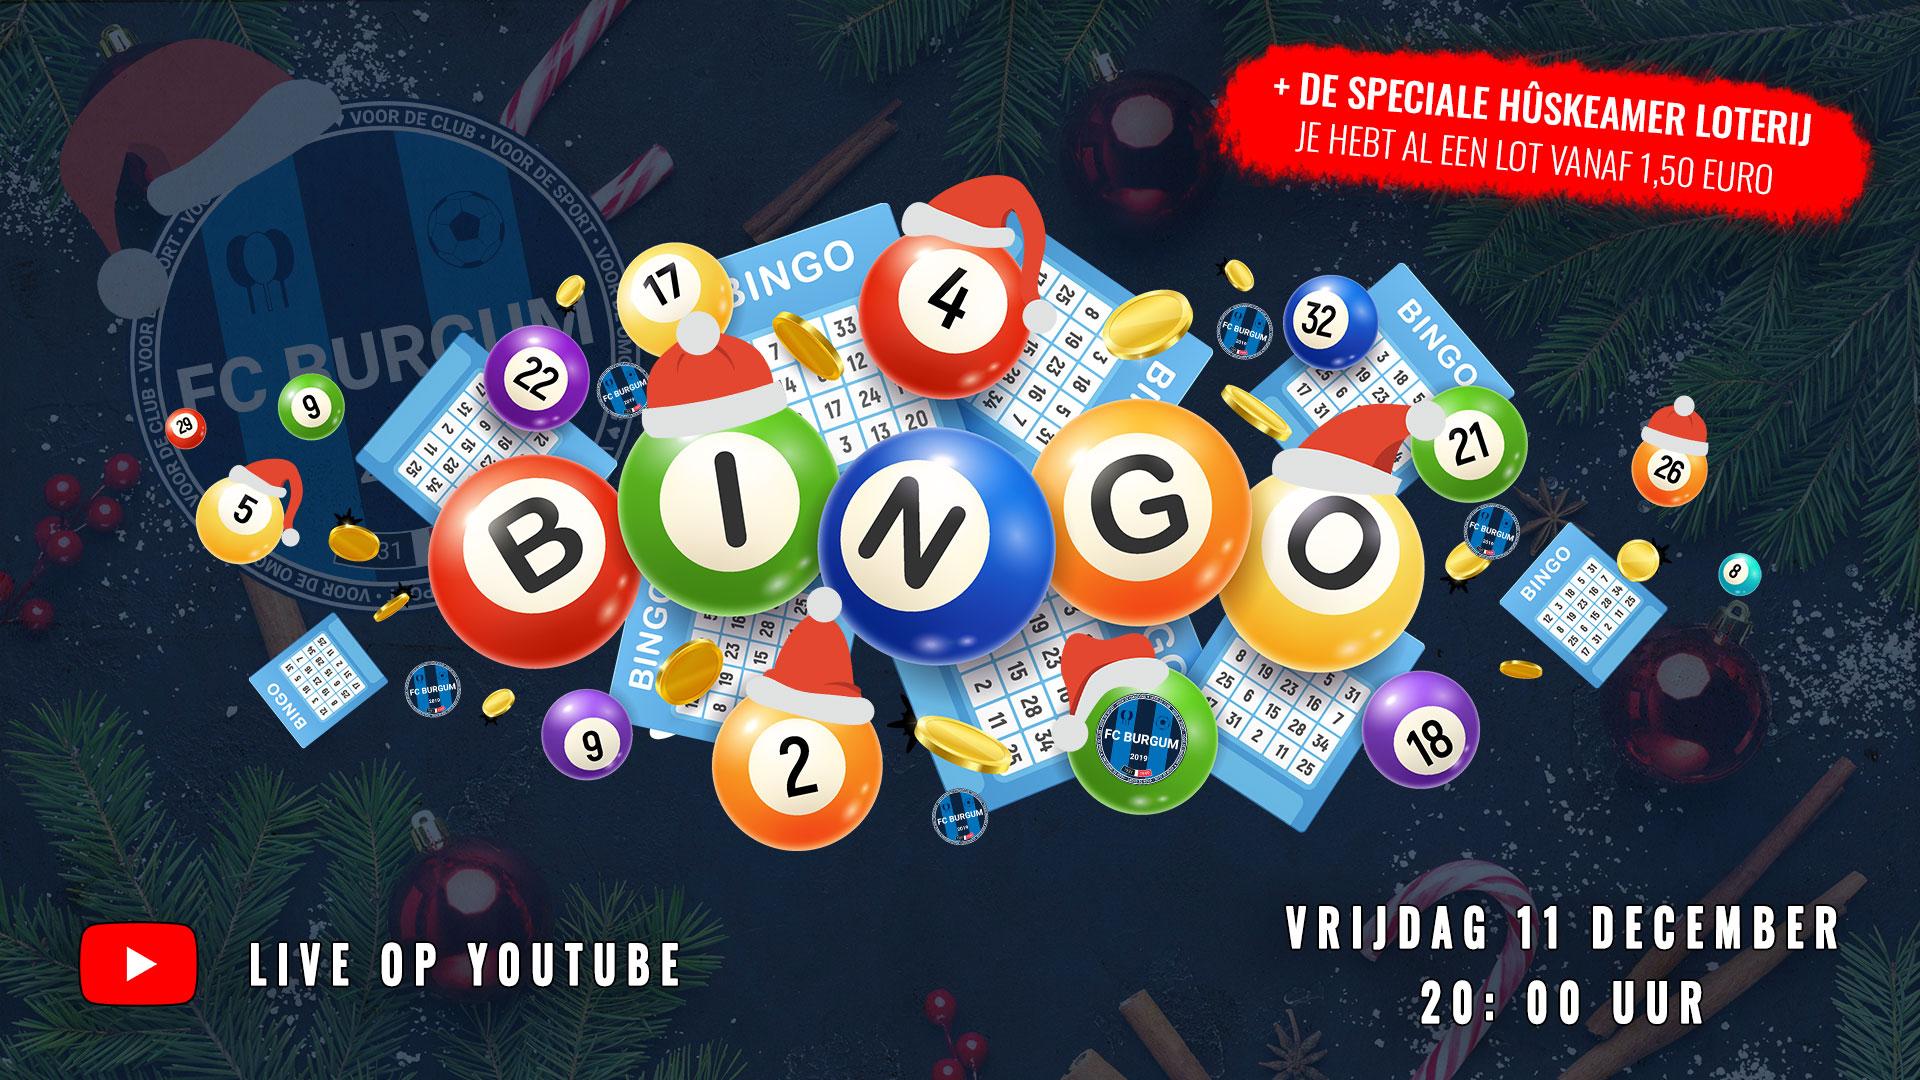 Vrijdag 11 december - Kerstbingo en Hûskeamer loterij!